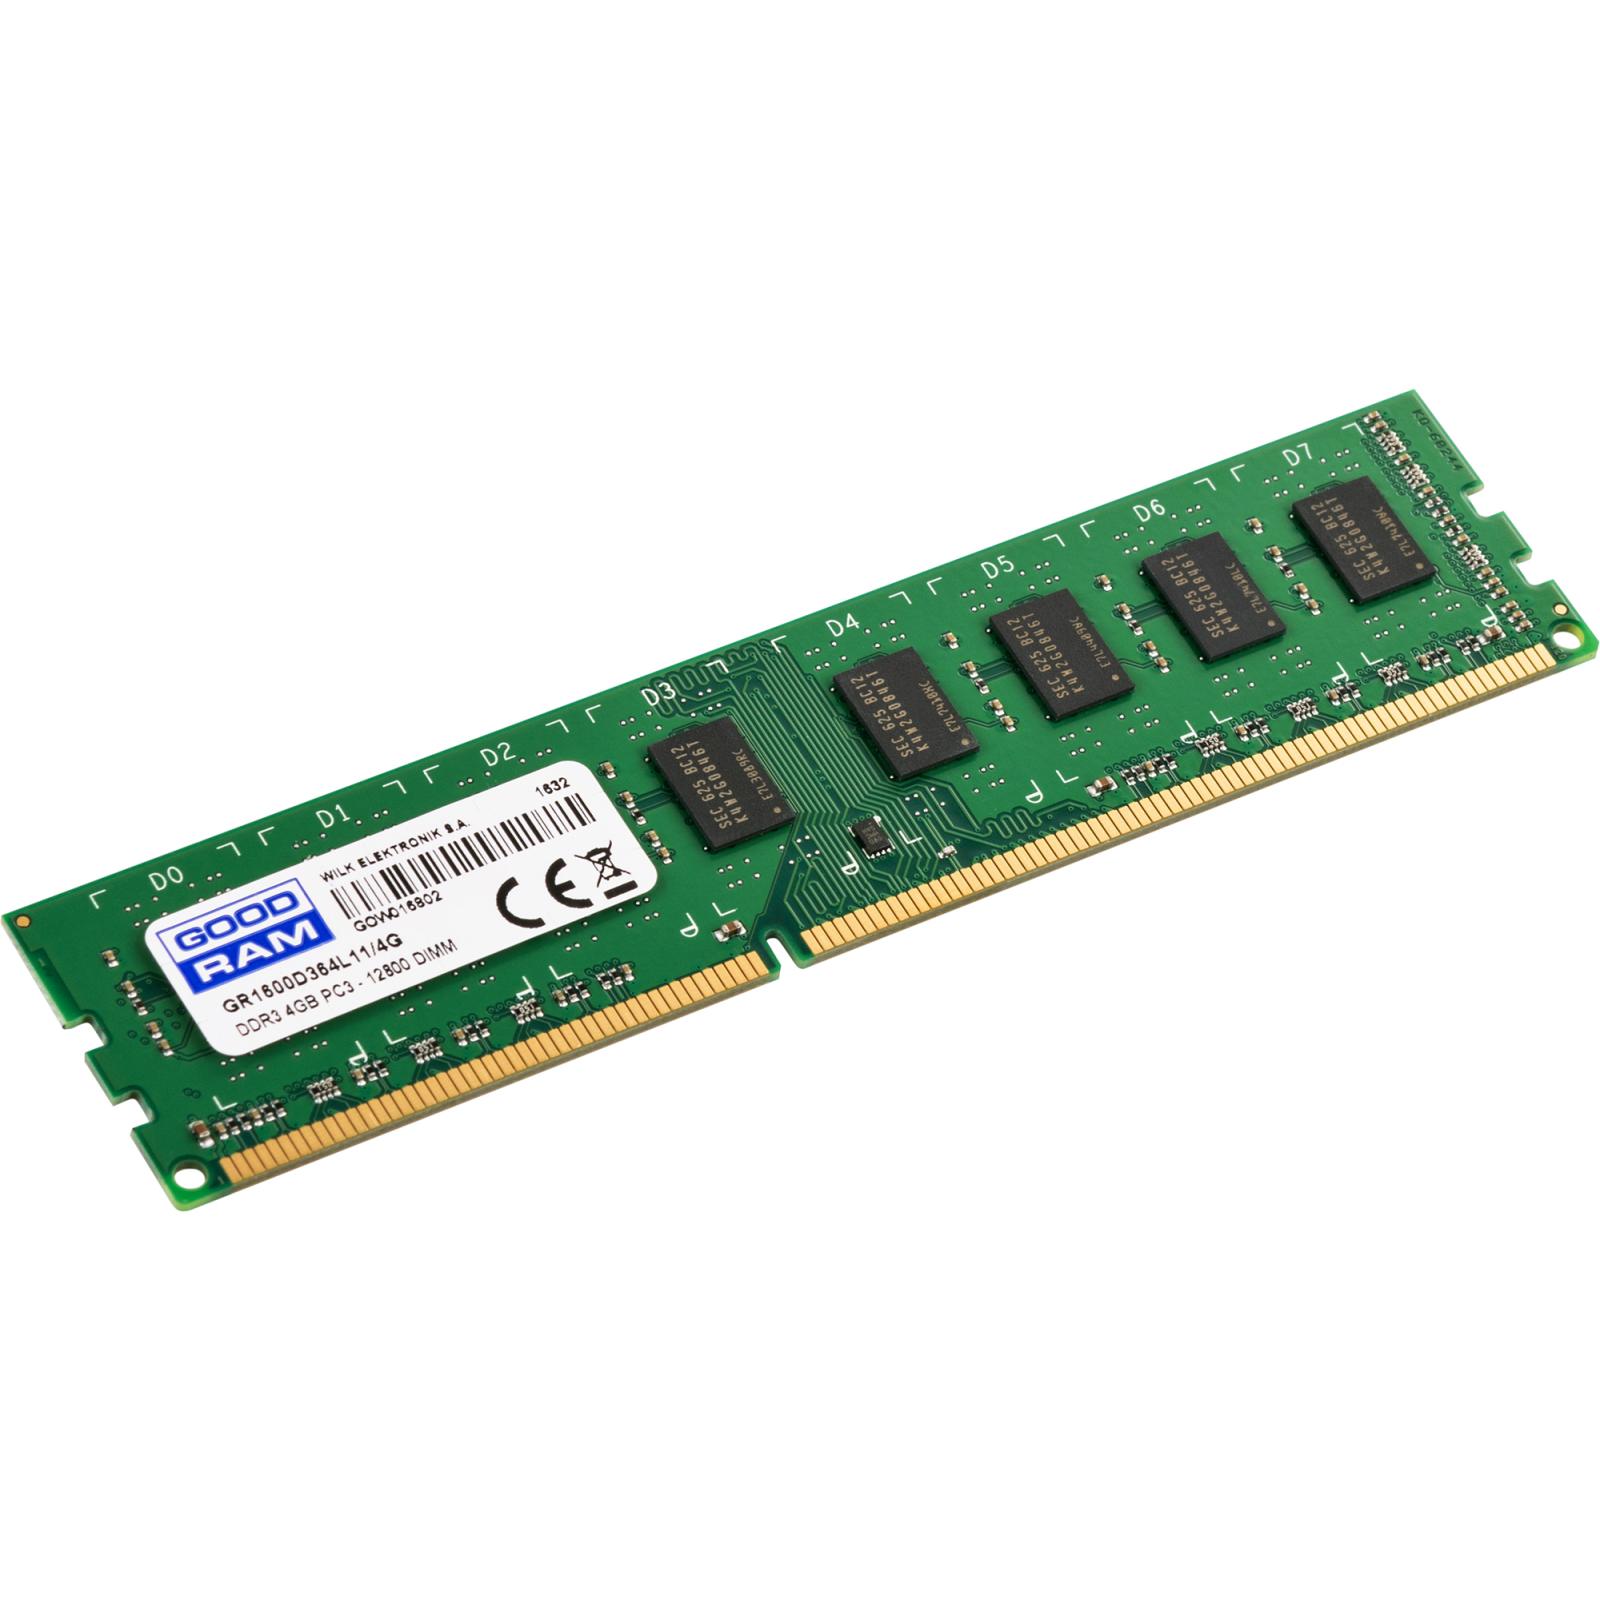 Модуль памяти для компьютера DDR3 4GB 1600 MHz GOODRAM (GR1600D364L11/4G) изображение 2